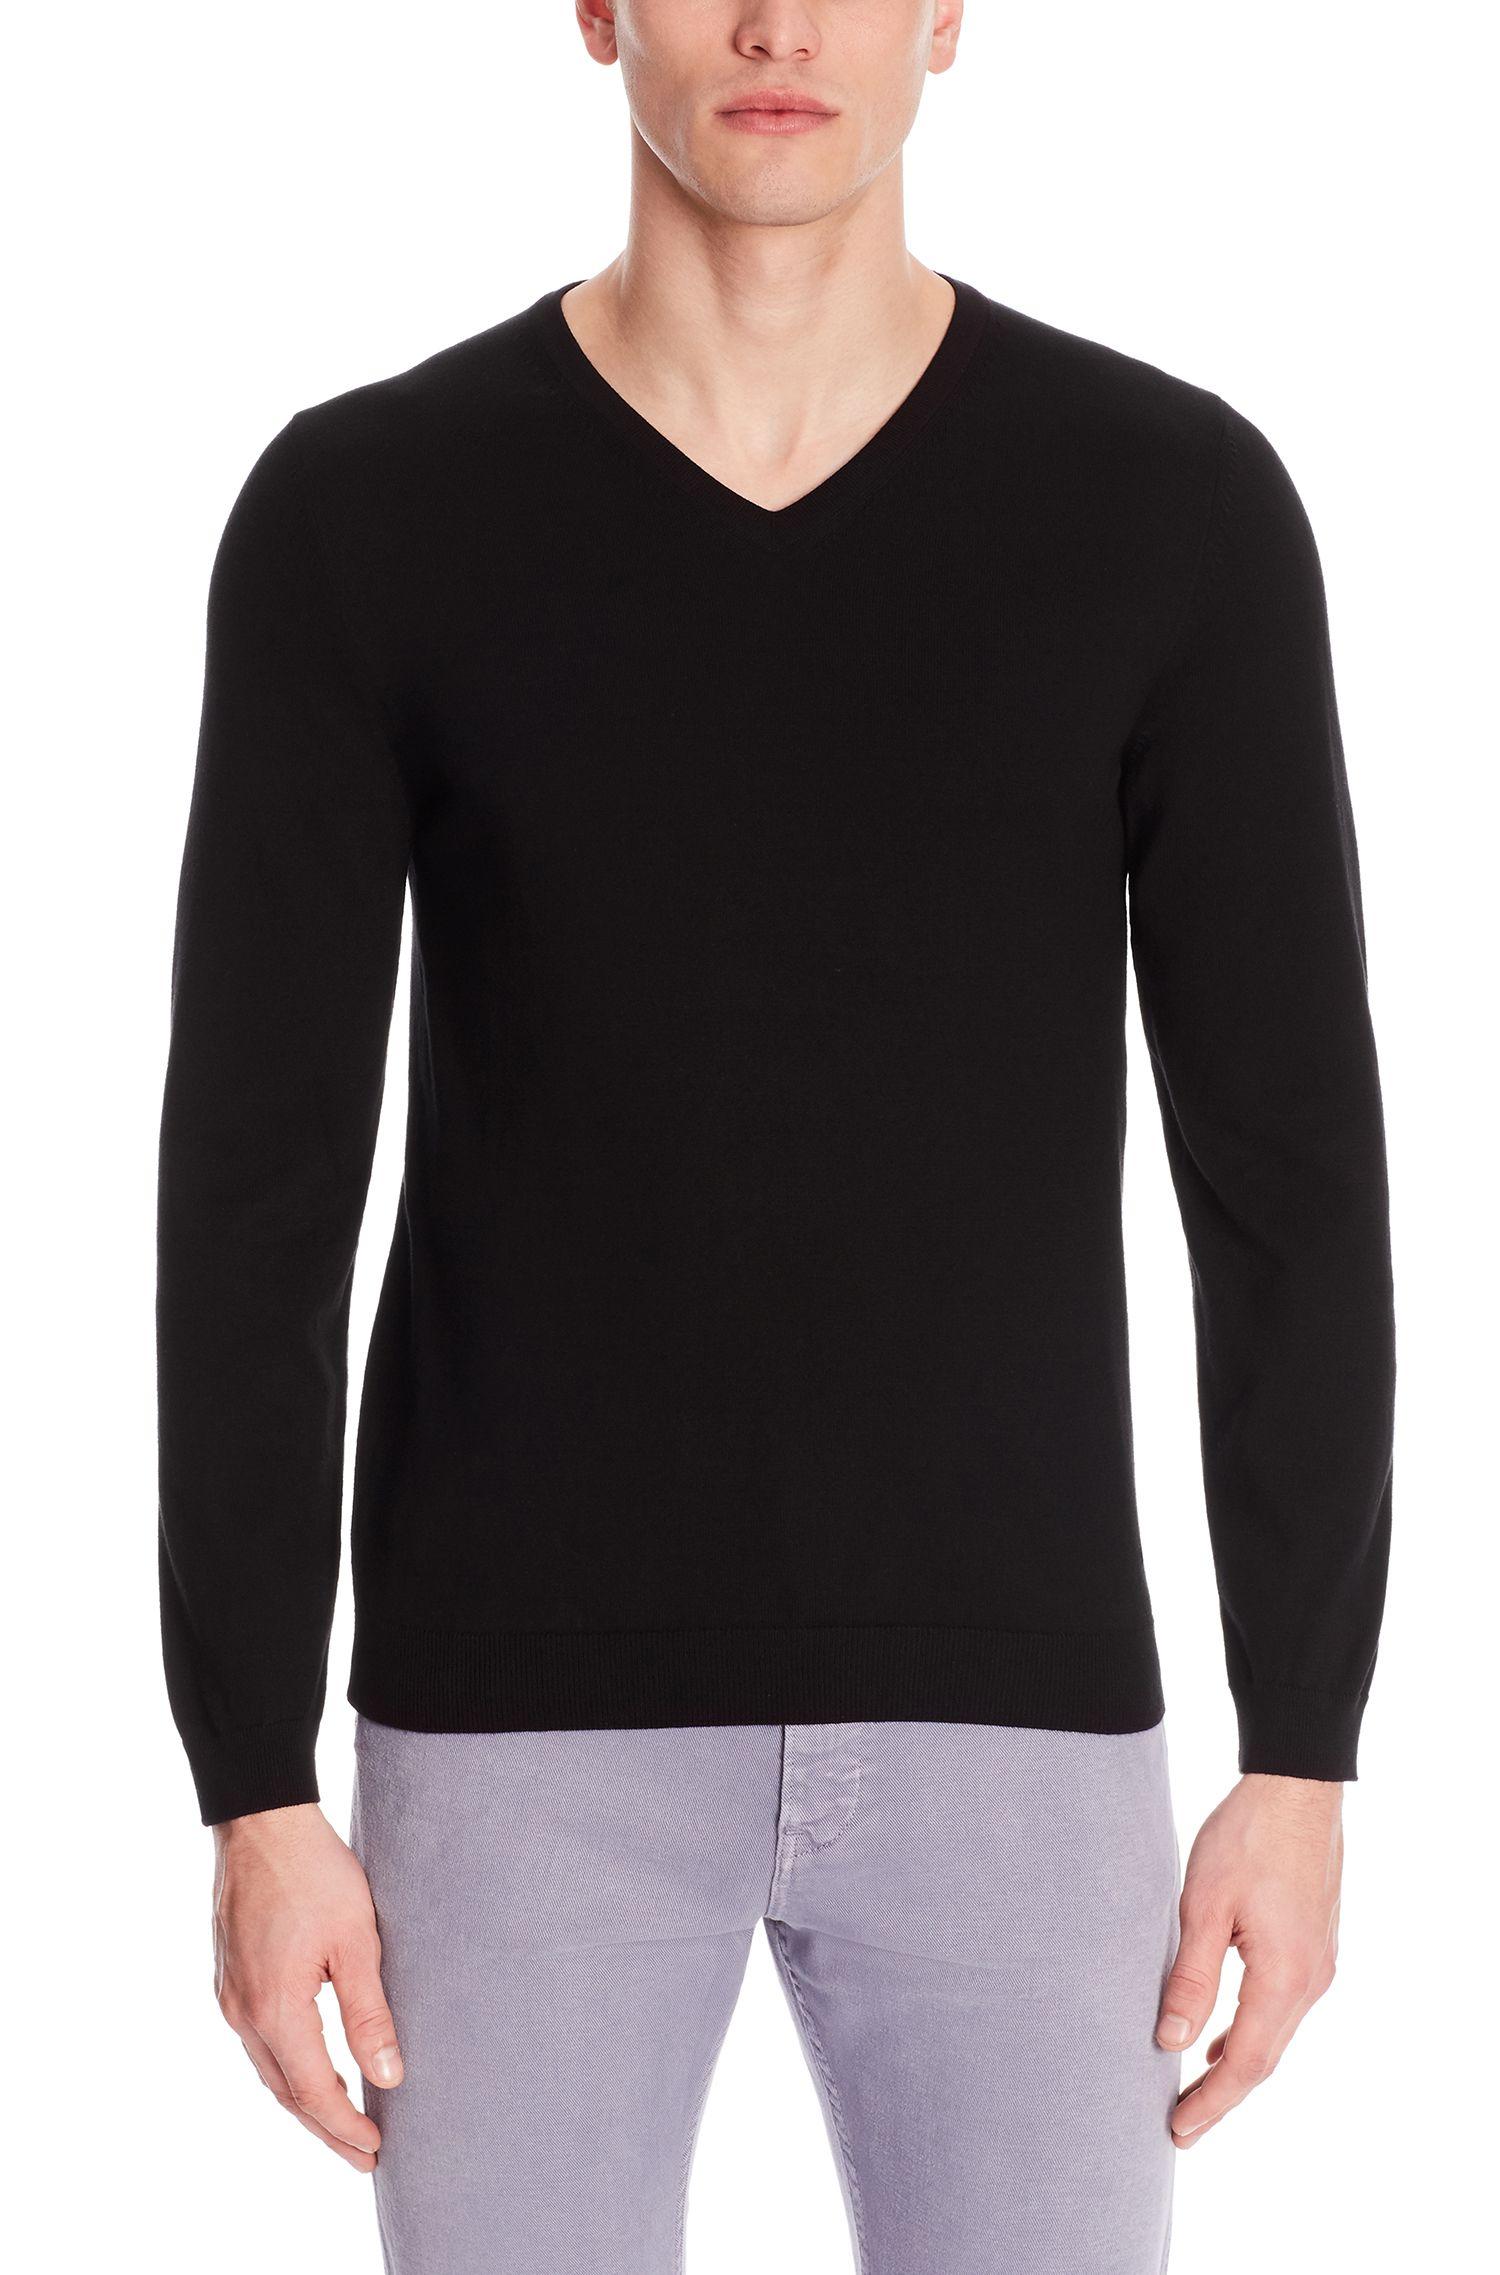 'Fioro' | Italian Cotton V-Neck Sweater, Black